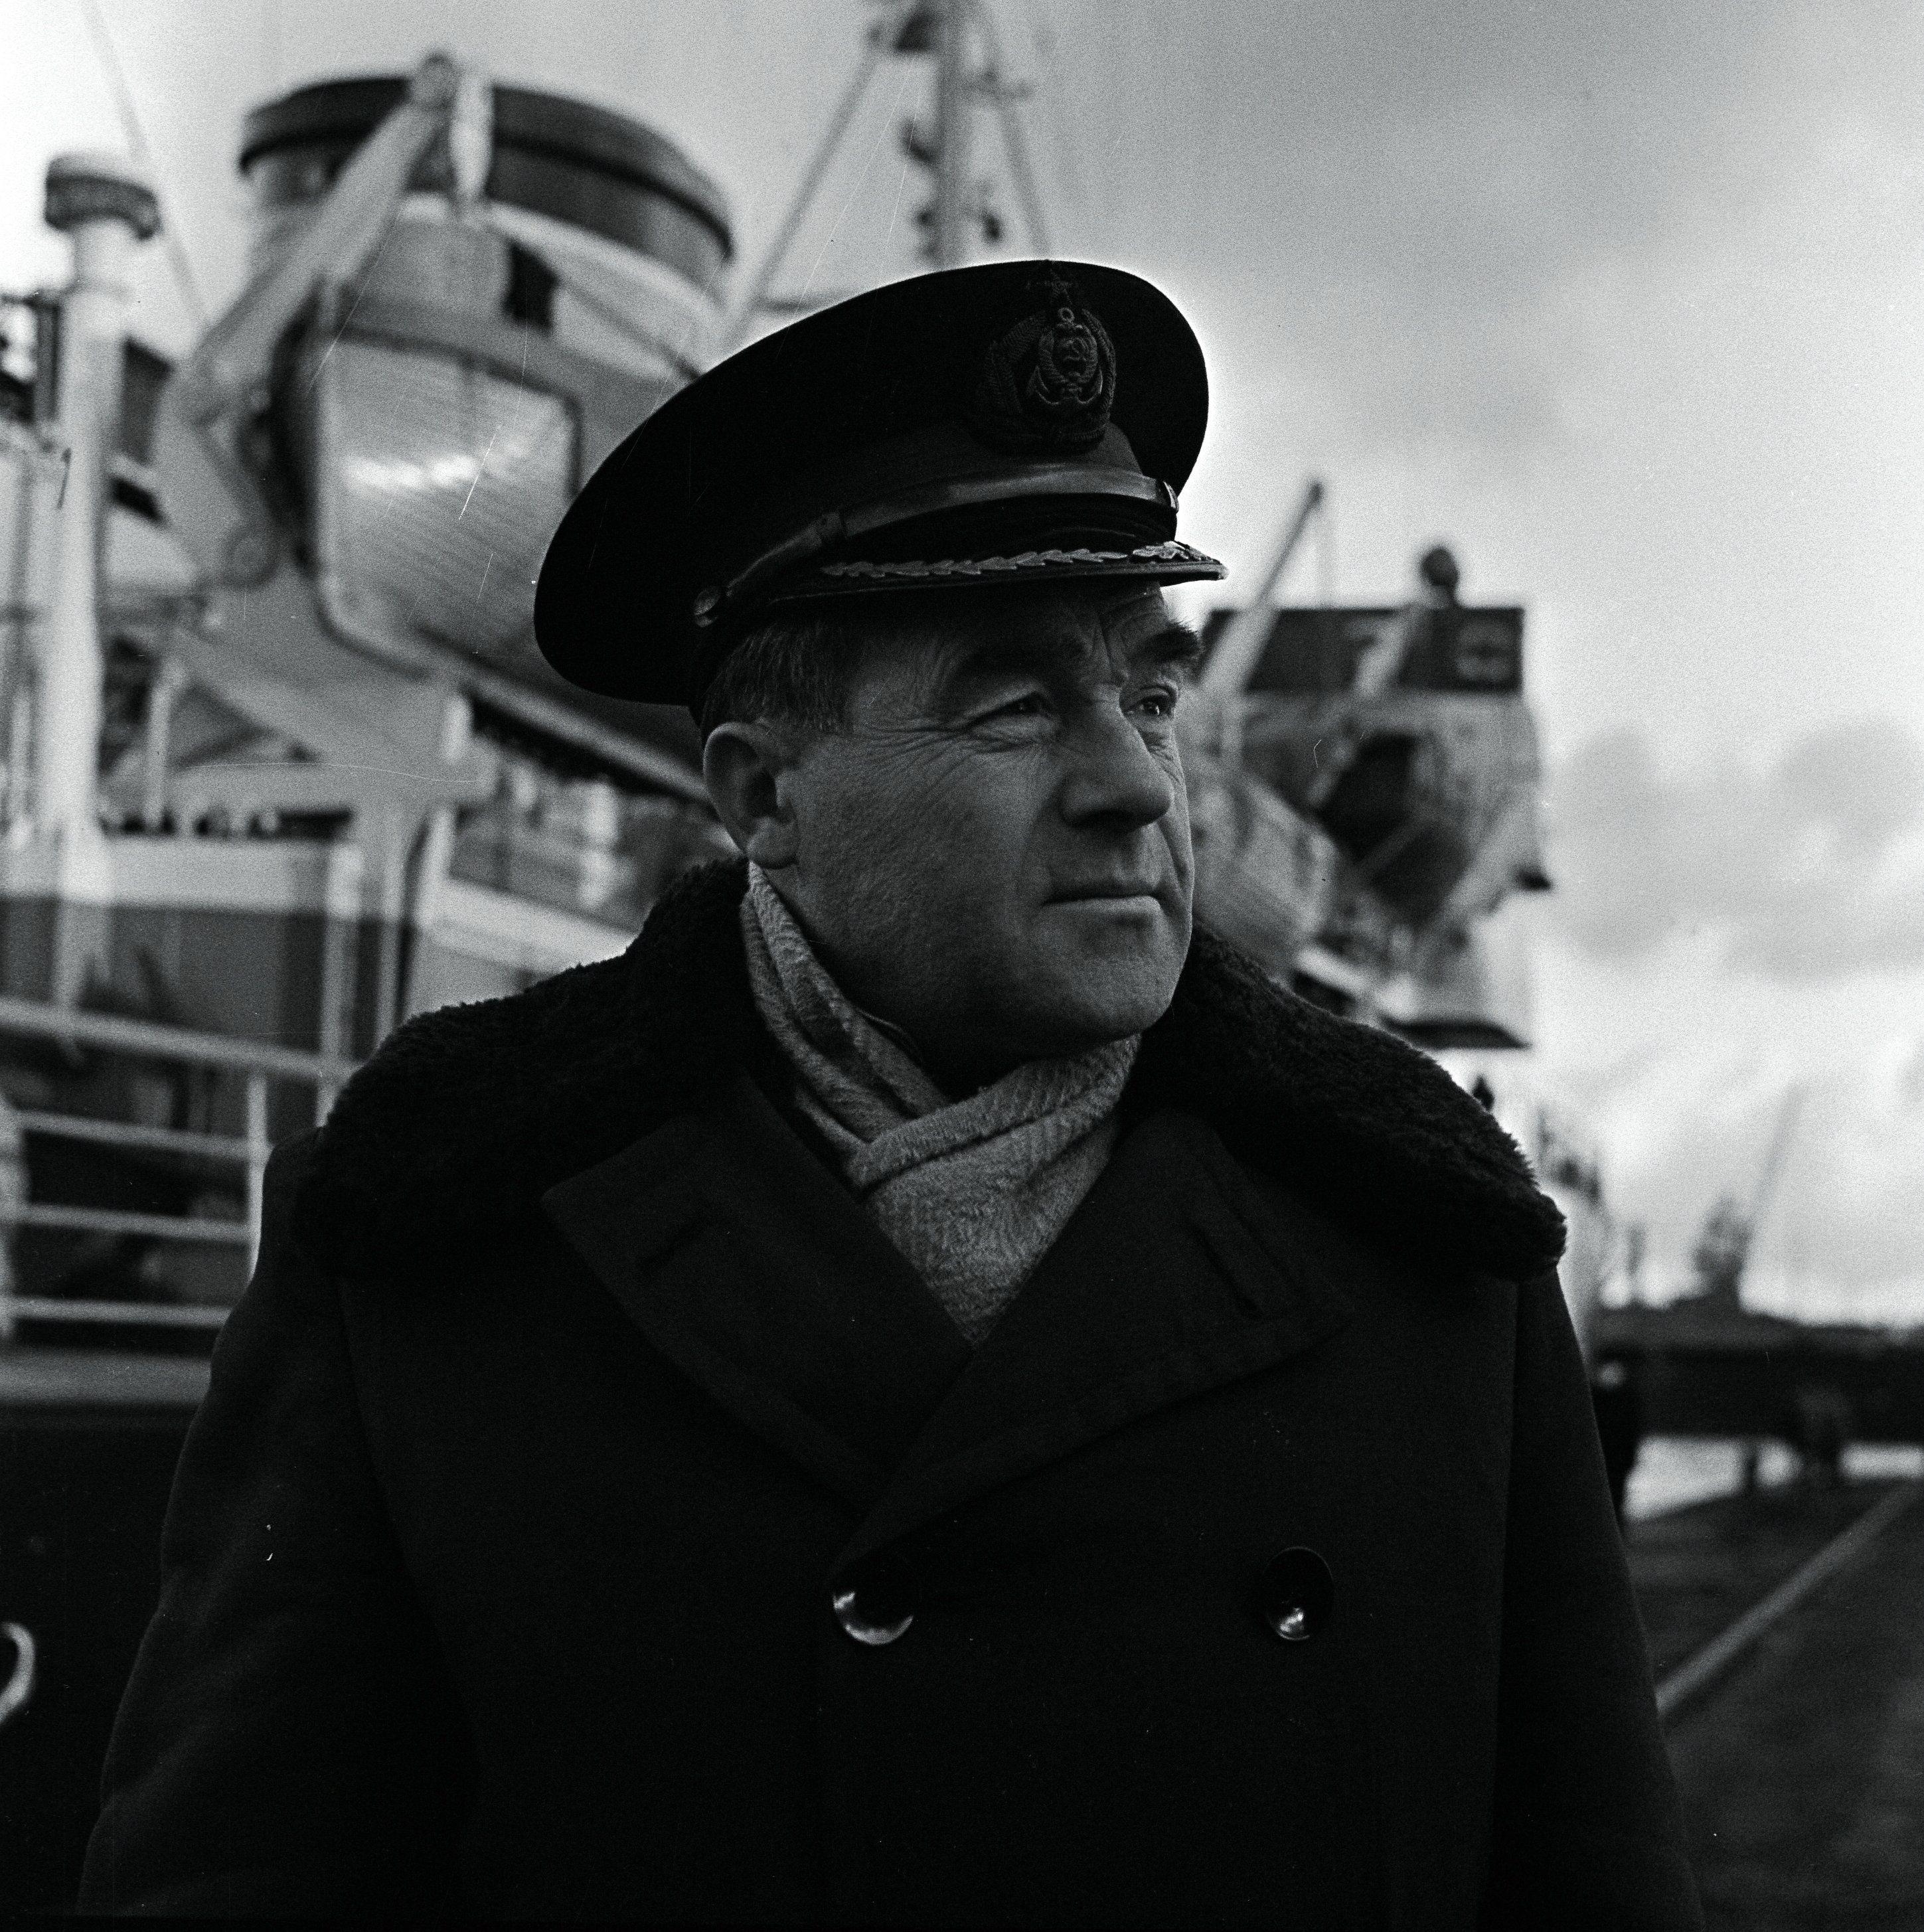 EFA.204.0-65916. Hermann Sergo Tallinna kaubasadama kapteni asetäitja